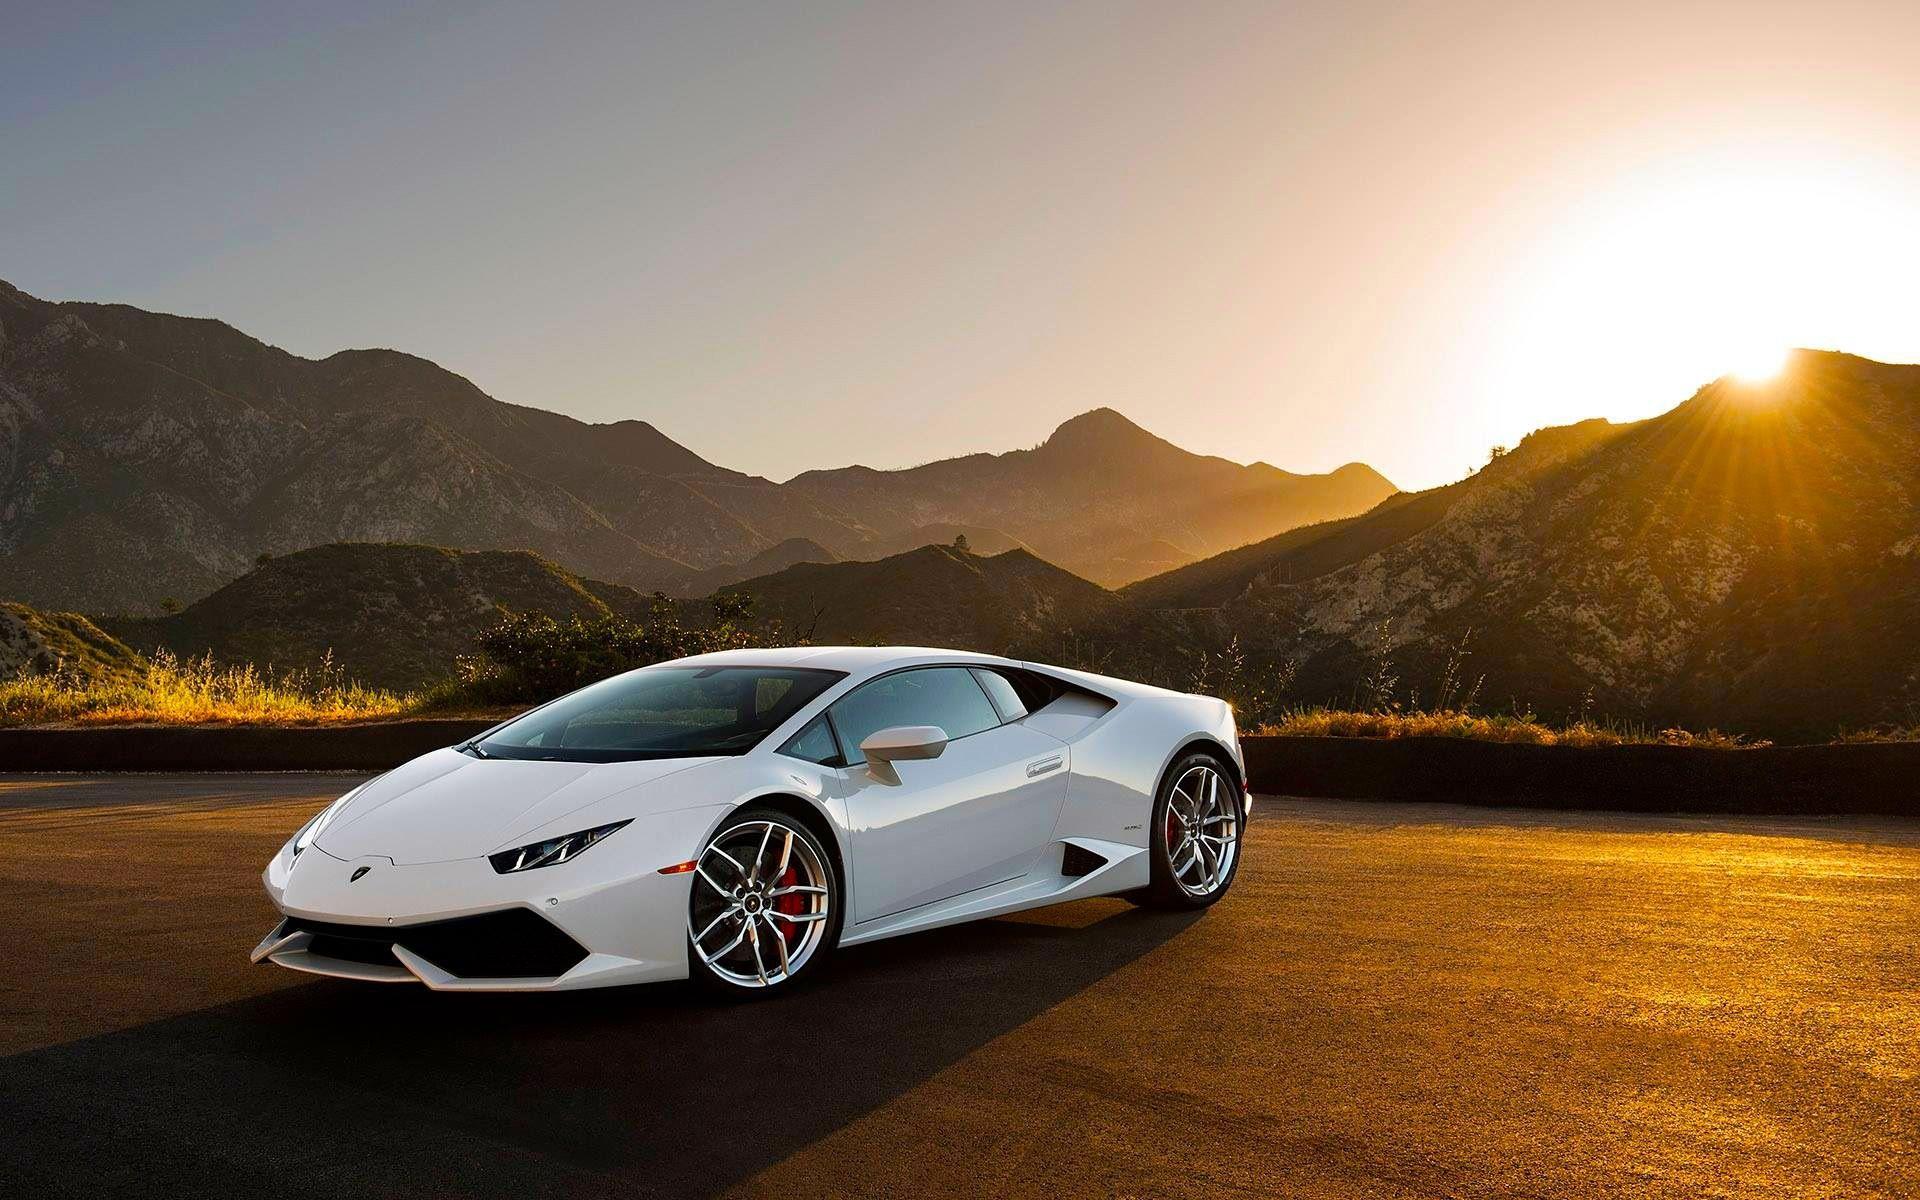 lamborghini huracan white lamborghini huracan lp640 4 white supercar at sunset wallpaper cars